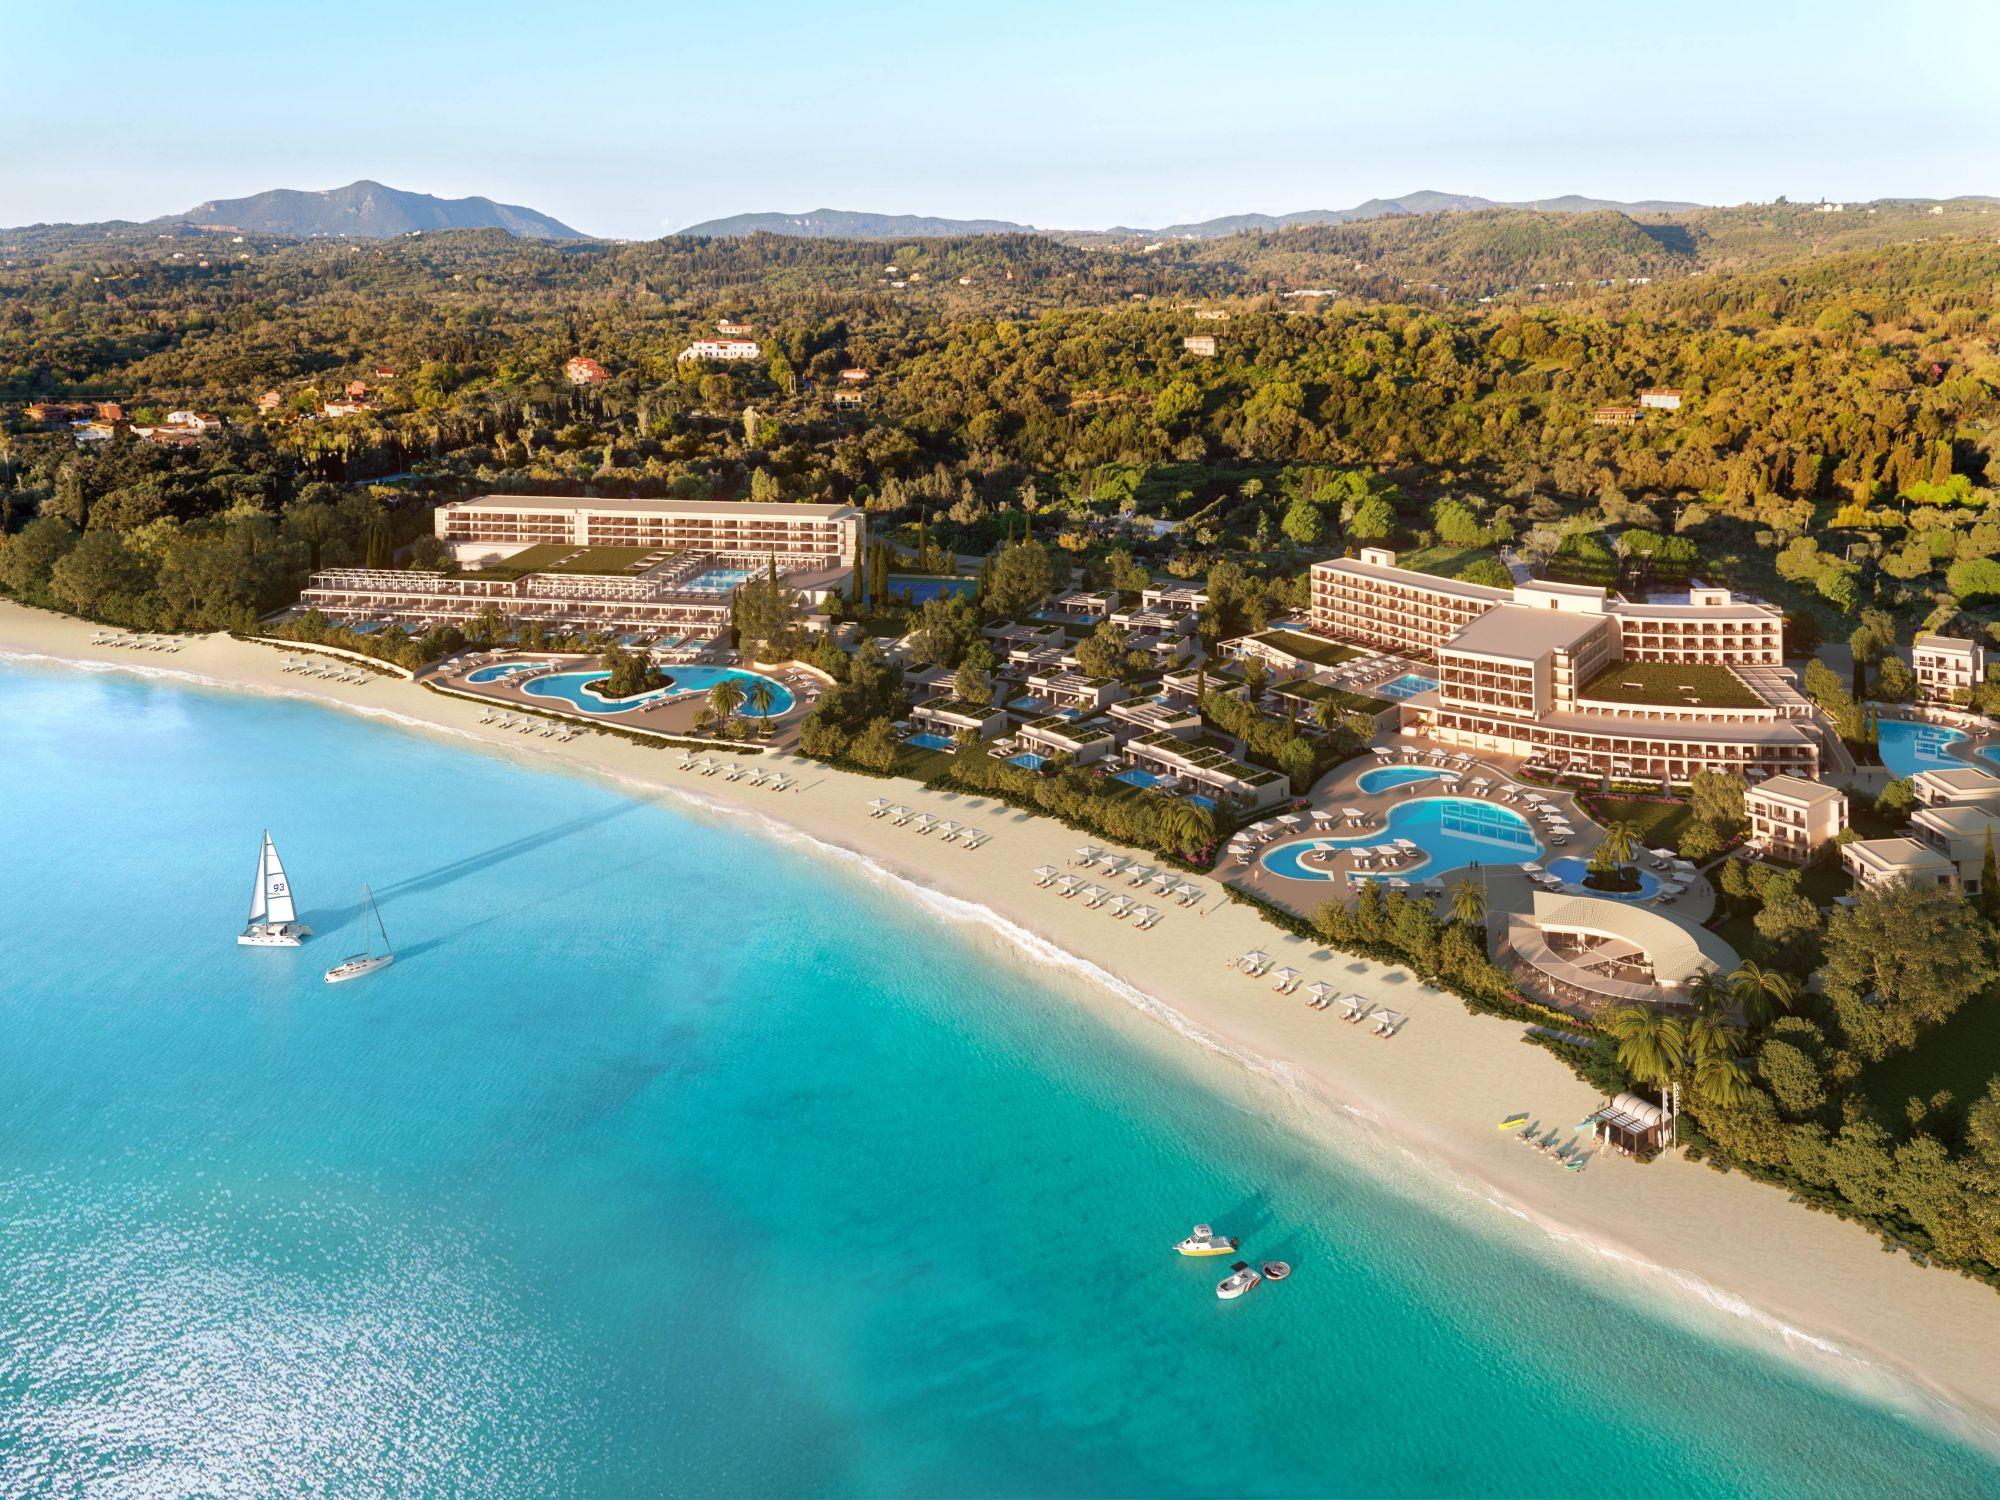 Более 200 пятизвездочных гостиниц появилось в Греции за период реформ